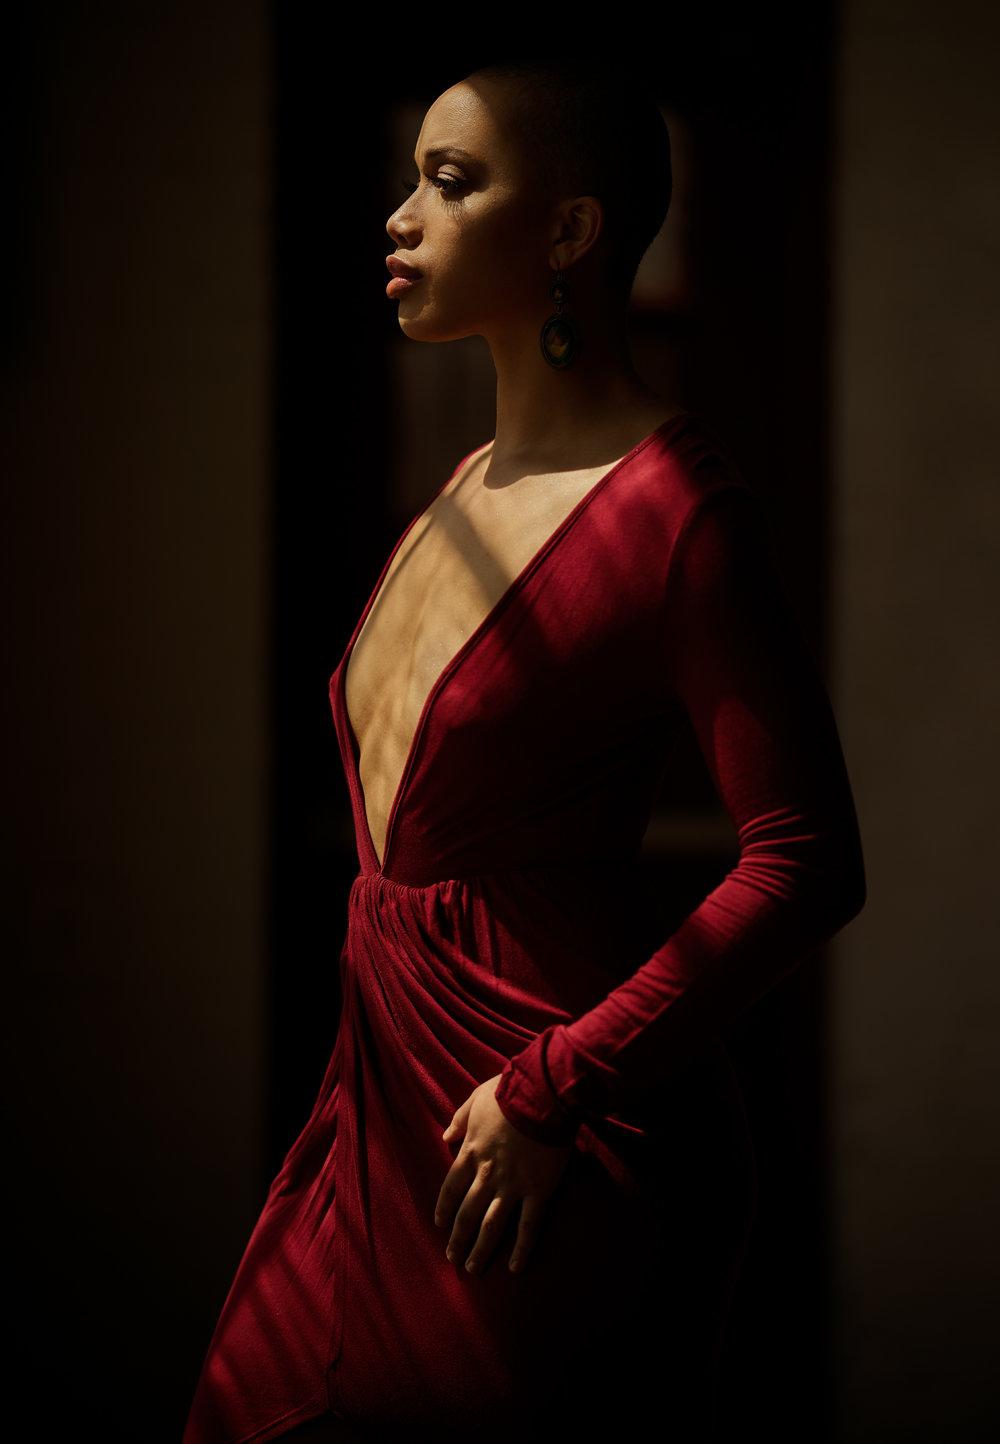 NYC Portrait Carlos Alvarado Photography 2.jpg